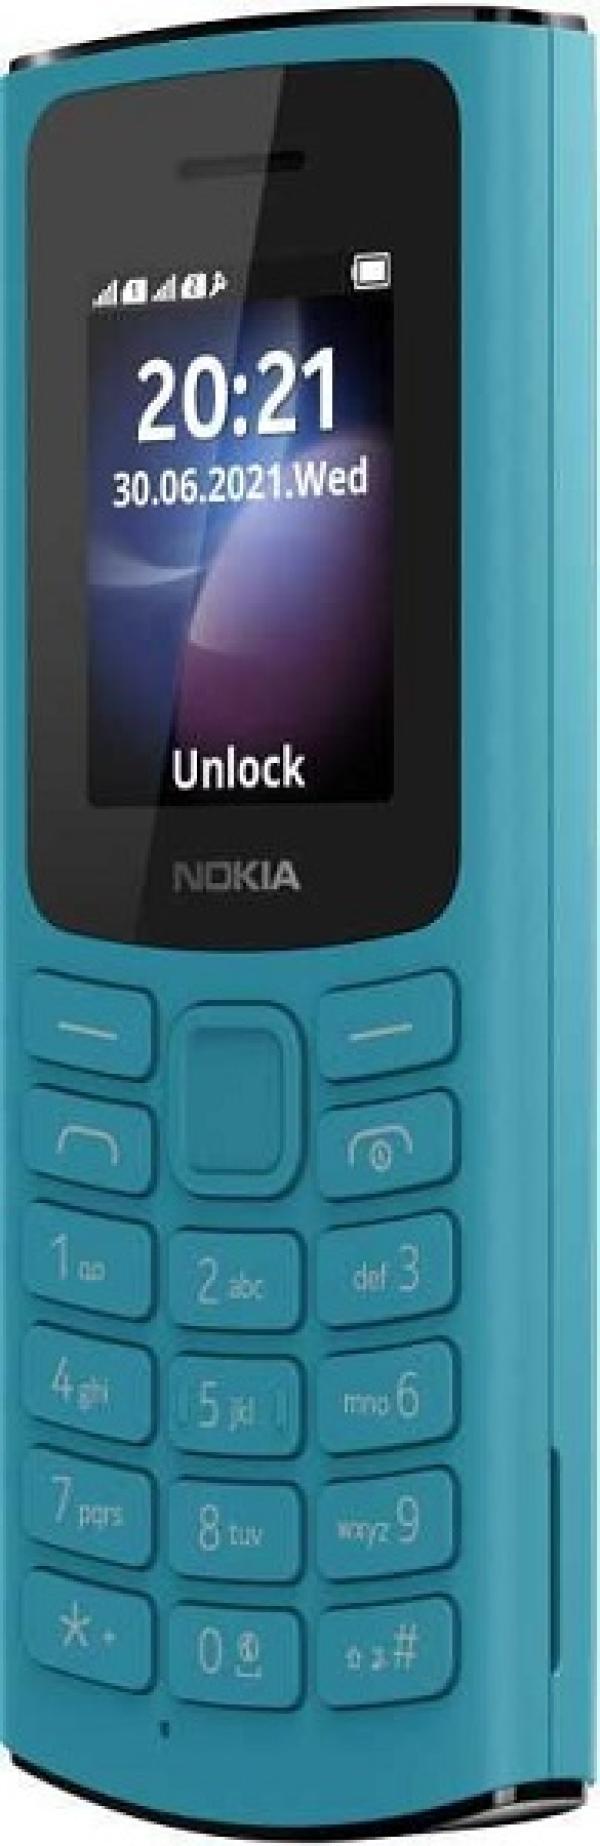 """Мобильный телефон 2*SIM Nokia 105 DS 4G, GSM900/1800/1900, 1.8"""" 160*120, FM радио, 50*121*14.4мм 80г, синий"""